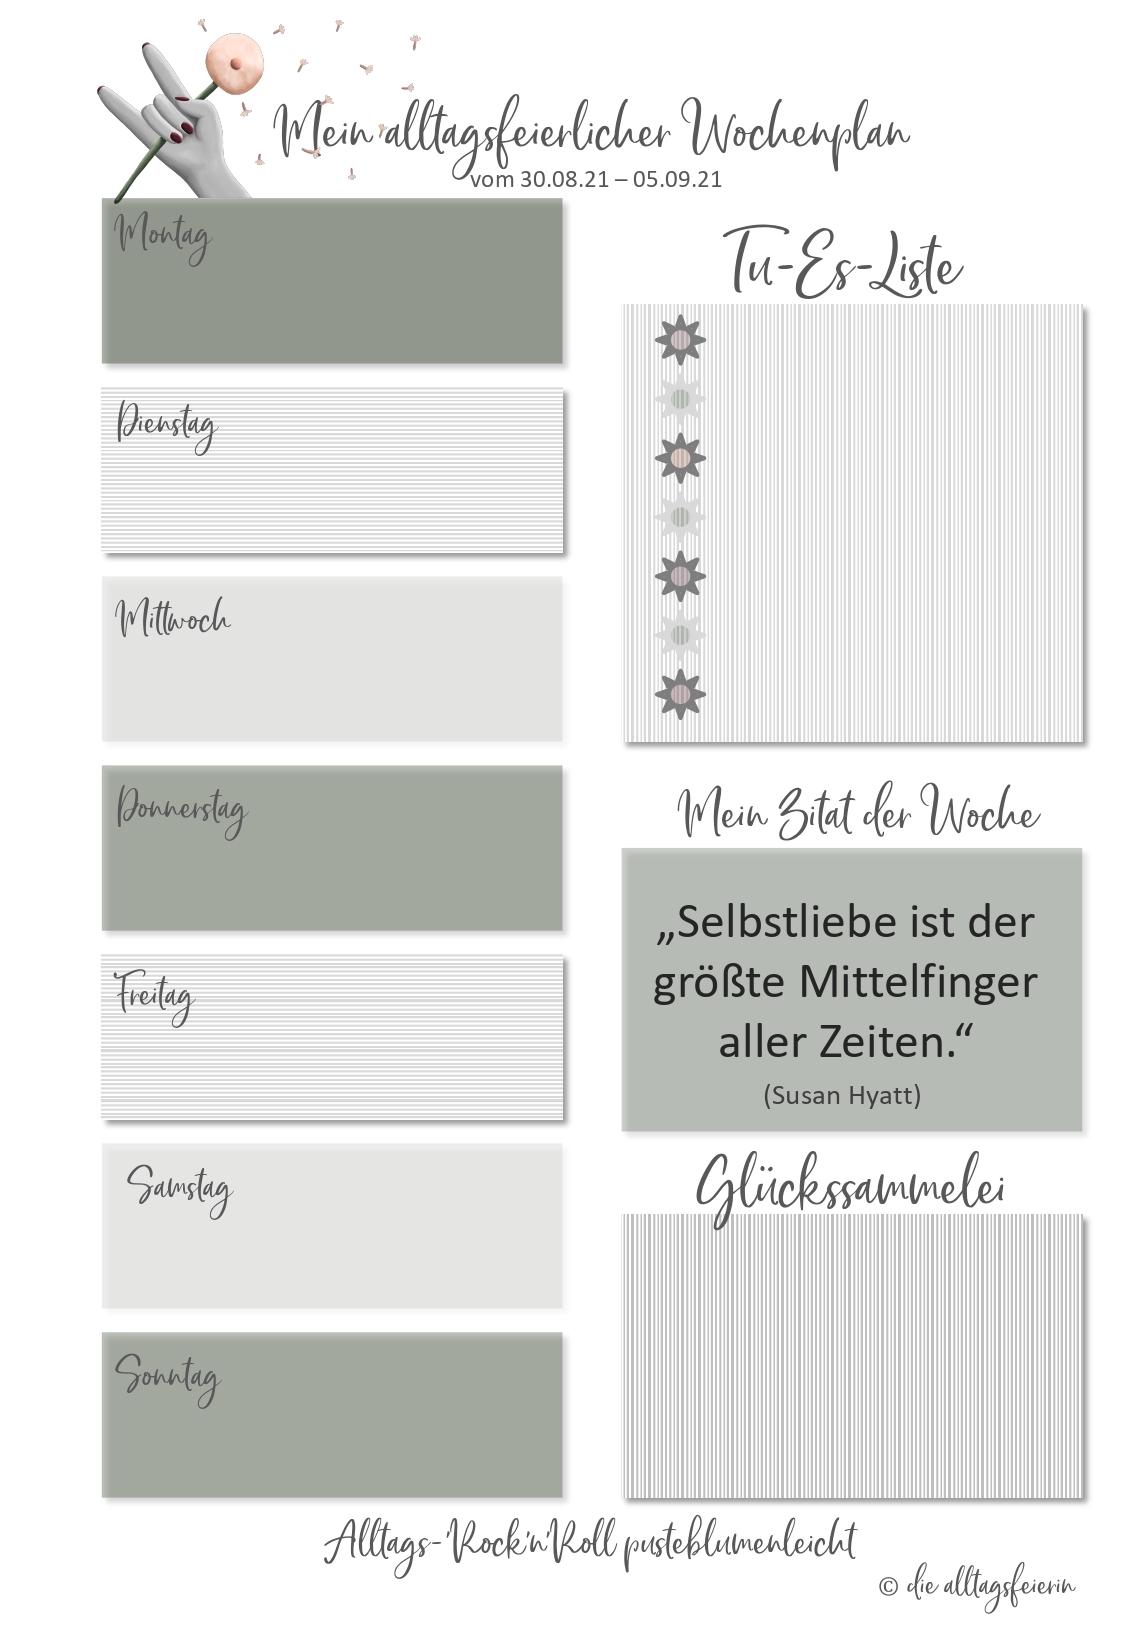 Essensplan No 36-2021, der wöchentliche Speiseplan auf diealltagsfeierin.de mit Freebie zum Ausdrucken